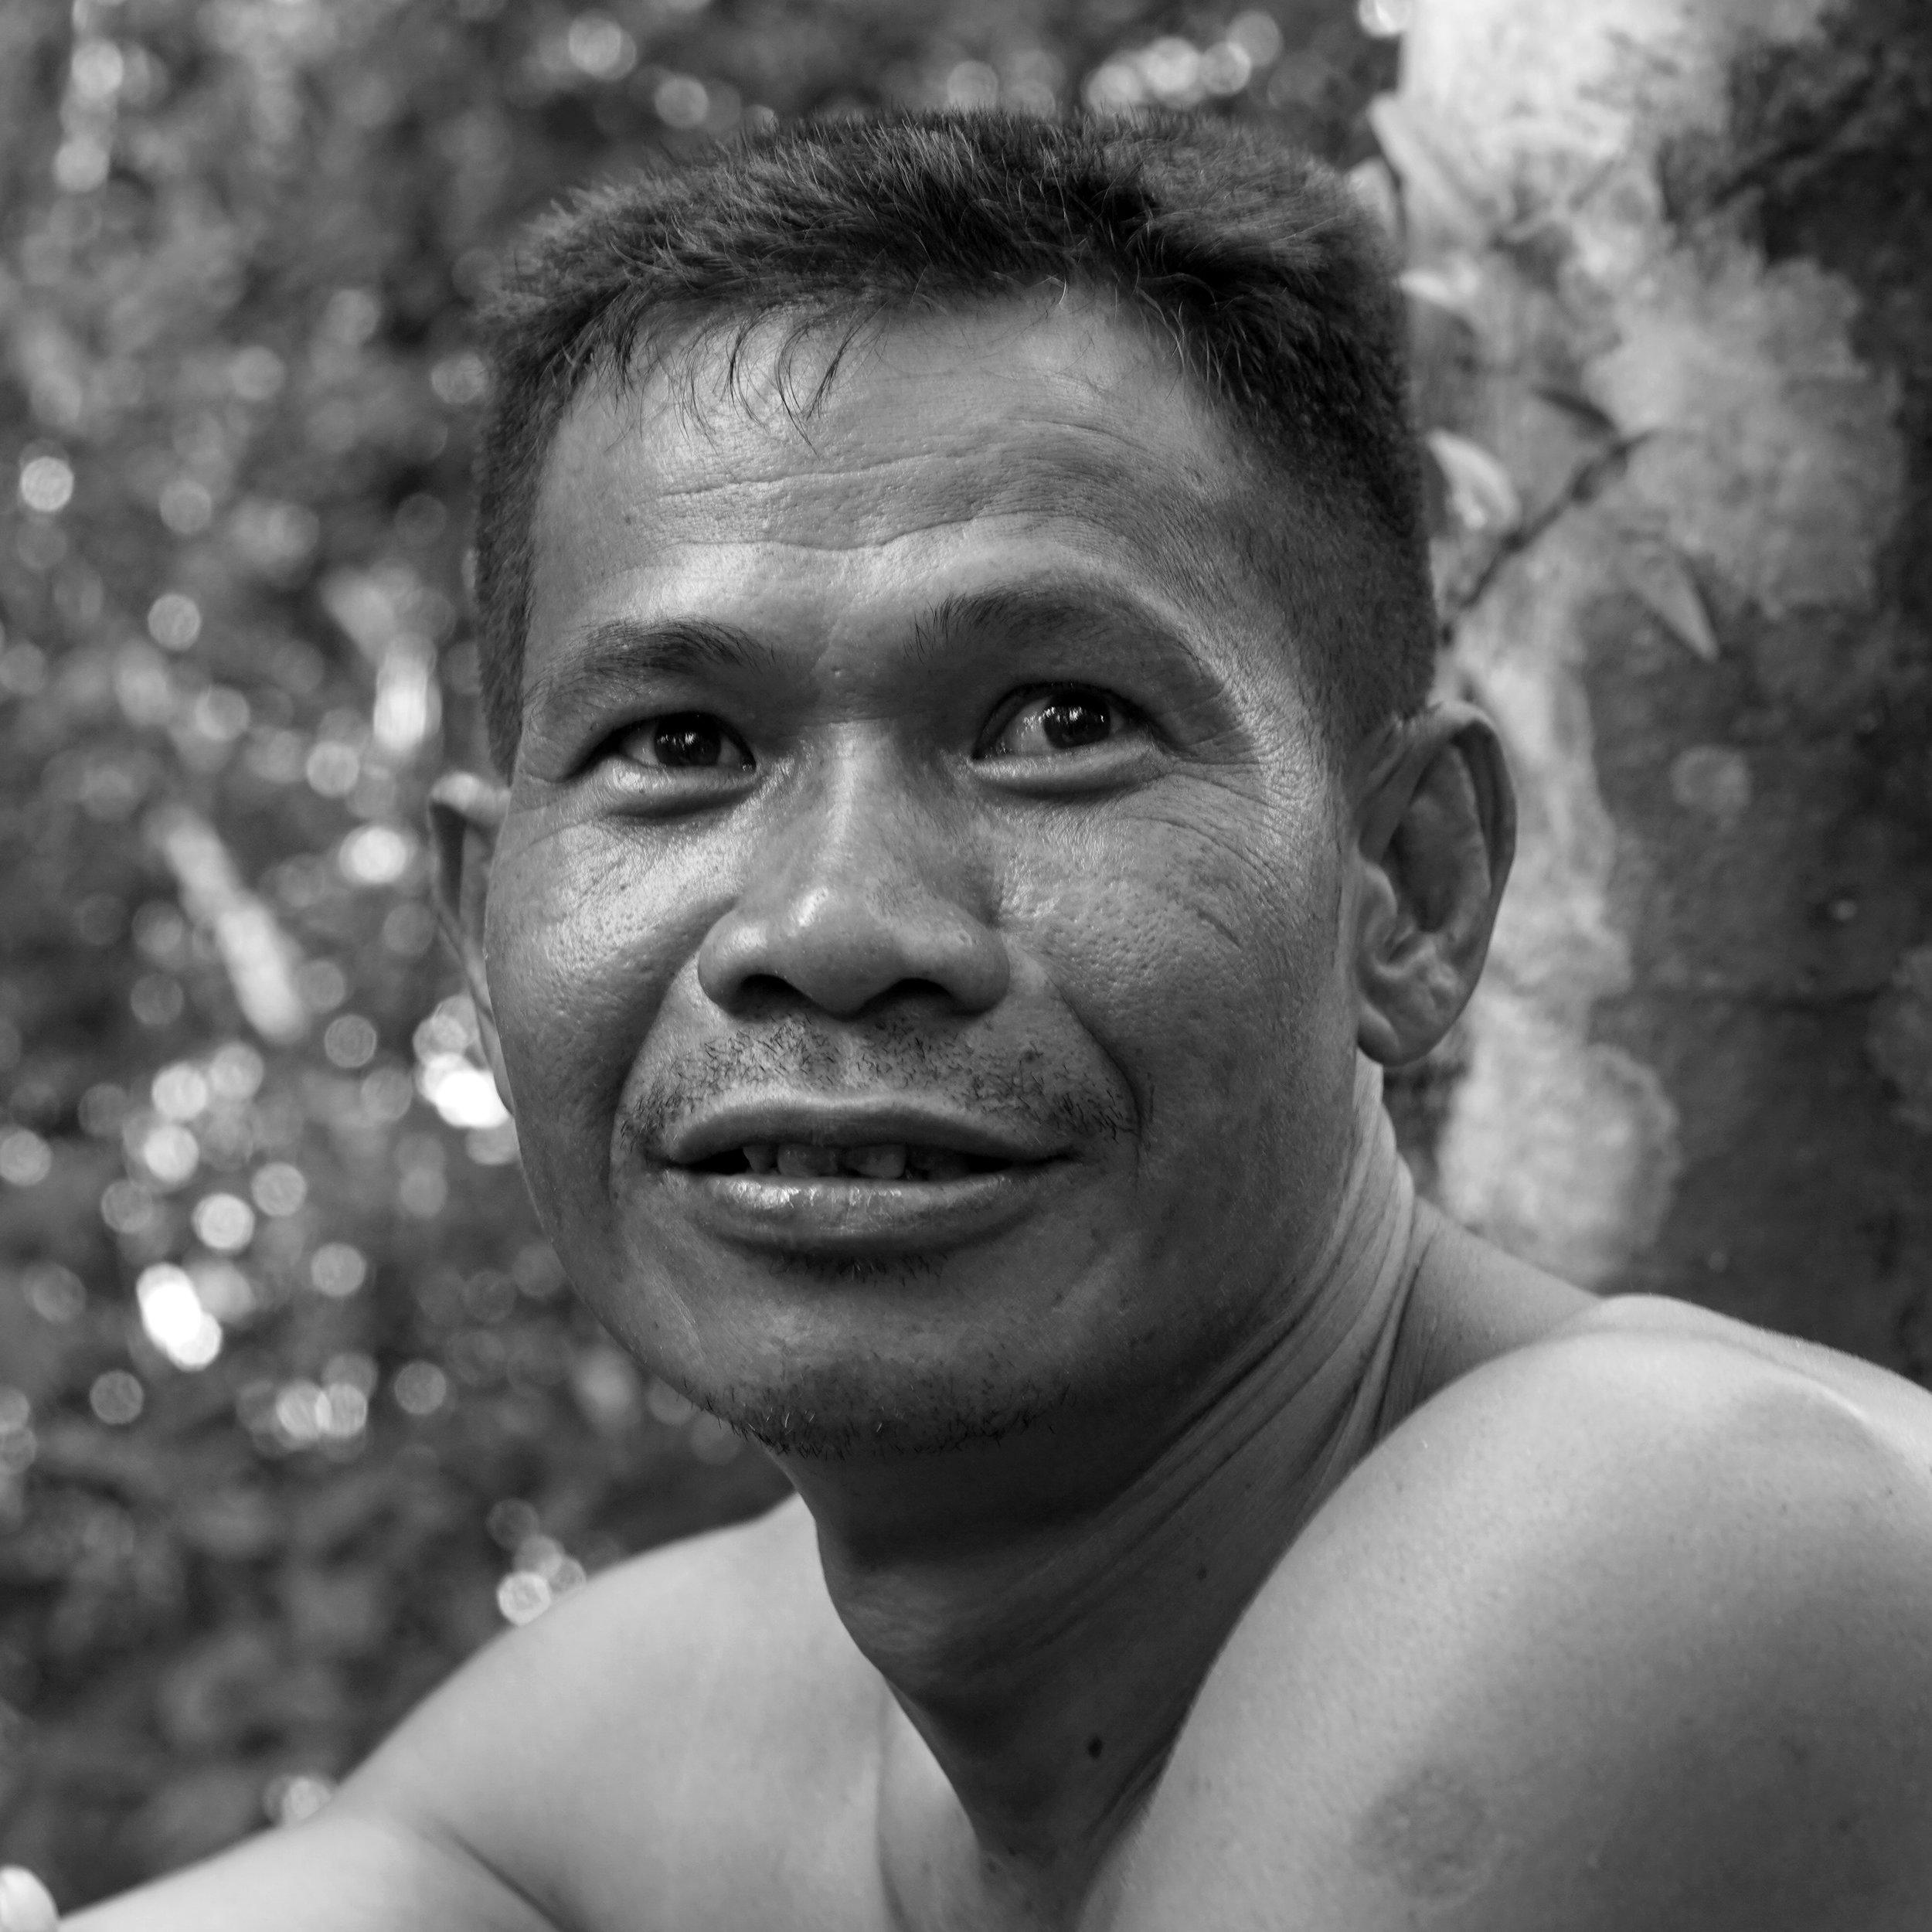 jhon-ketambe-sumatra-indonesia-inertia-network.JPG